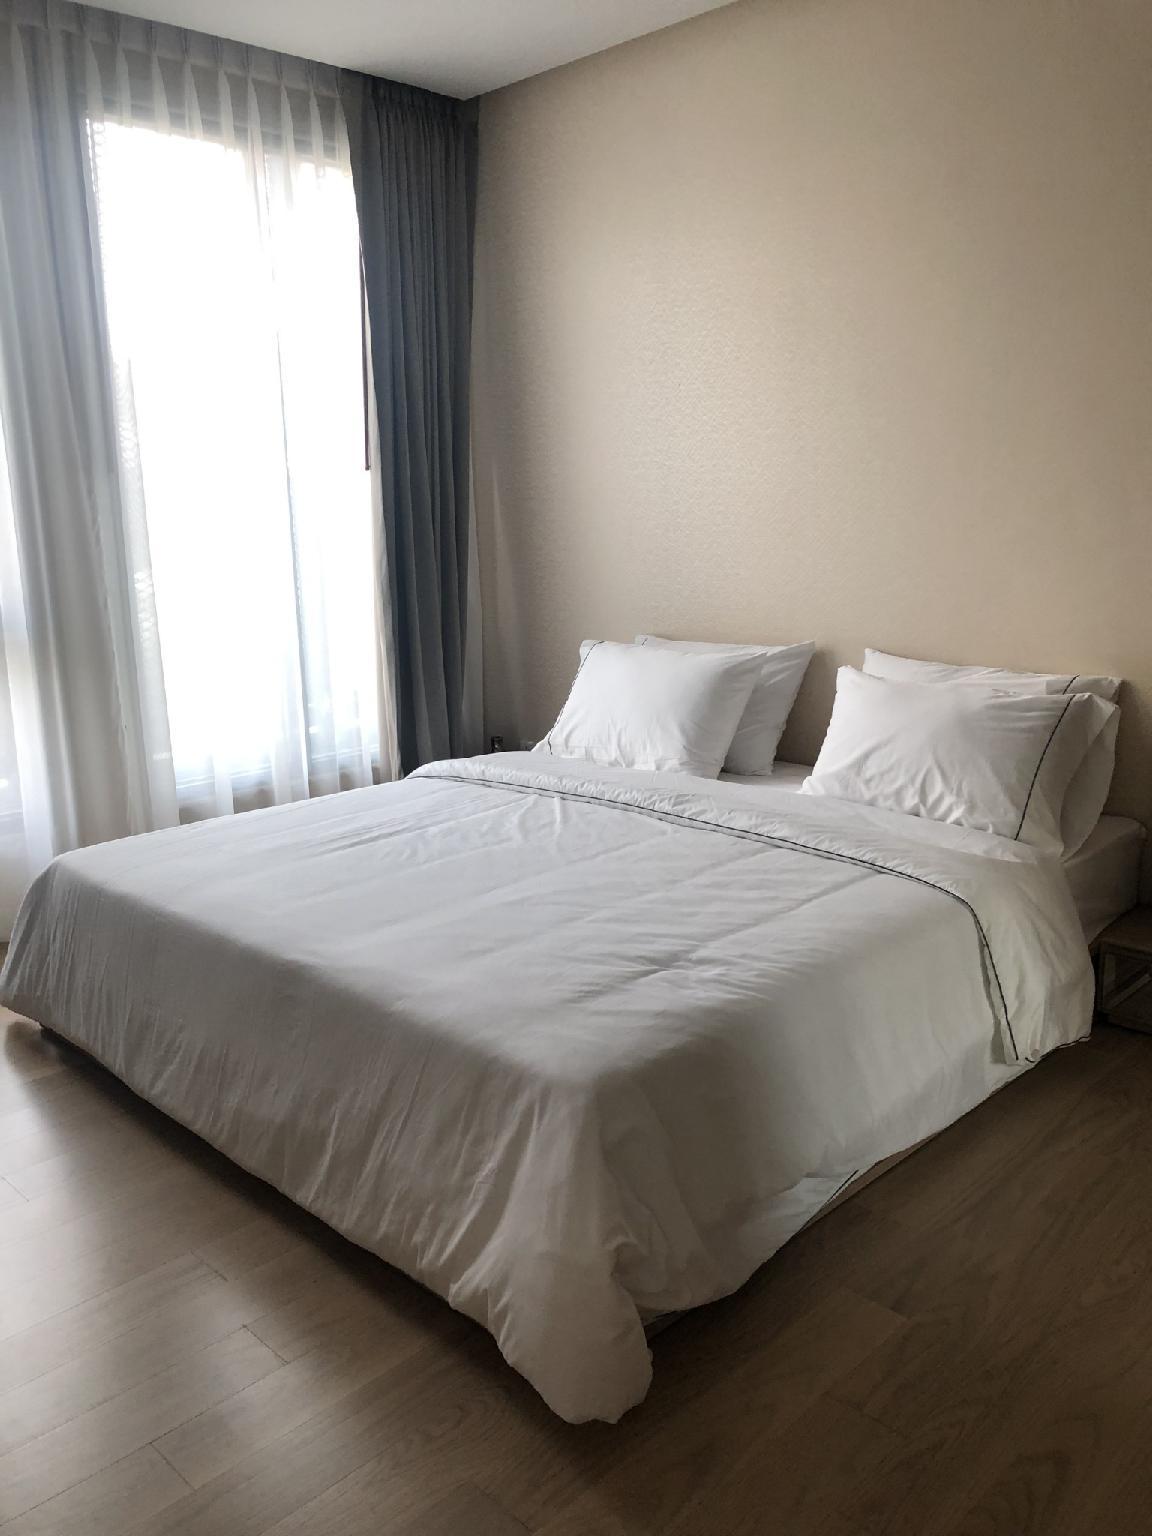 Family room suite near BTS Phrom Pong Bangkok